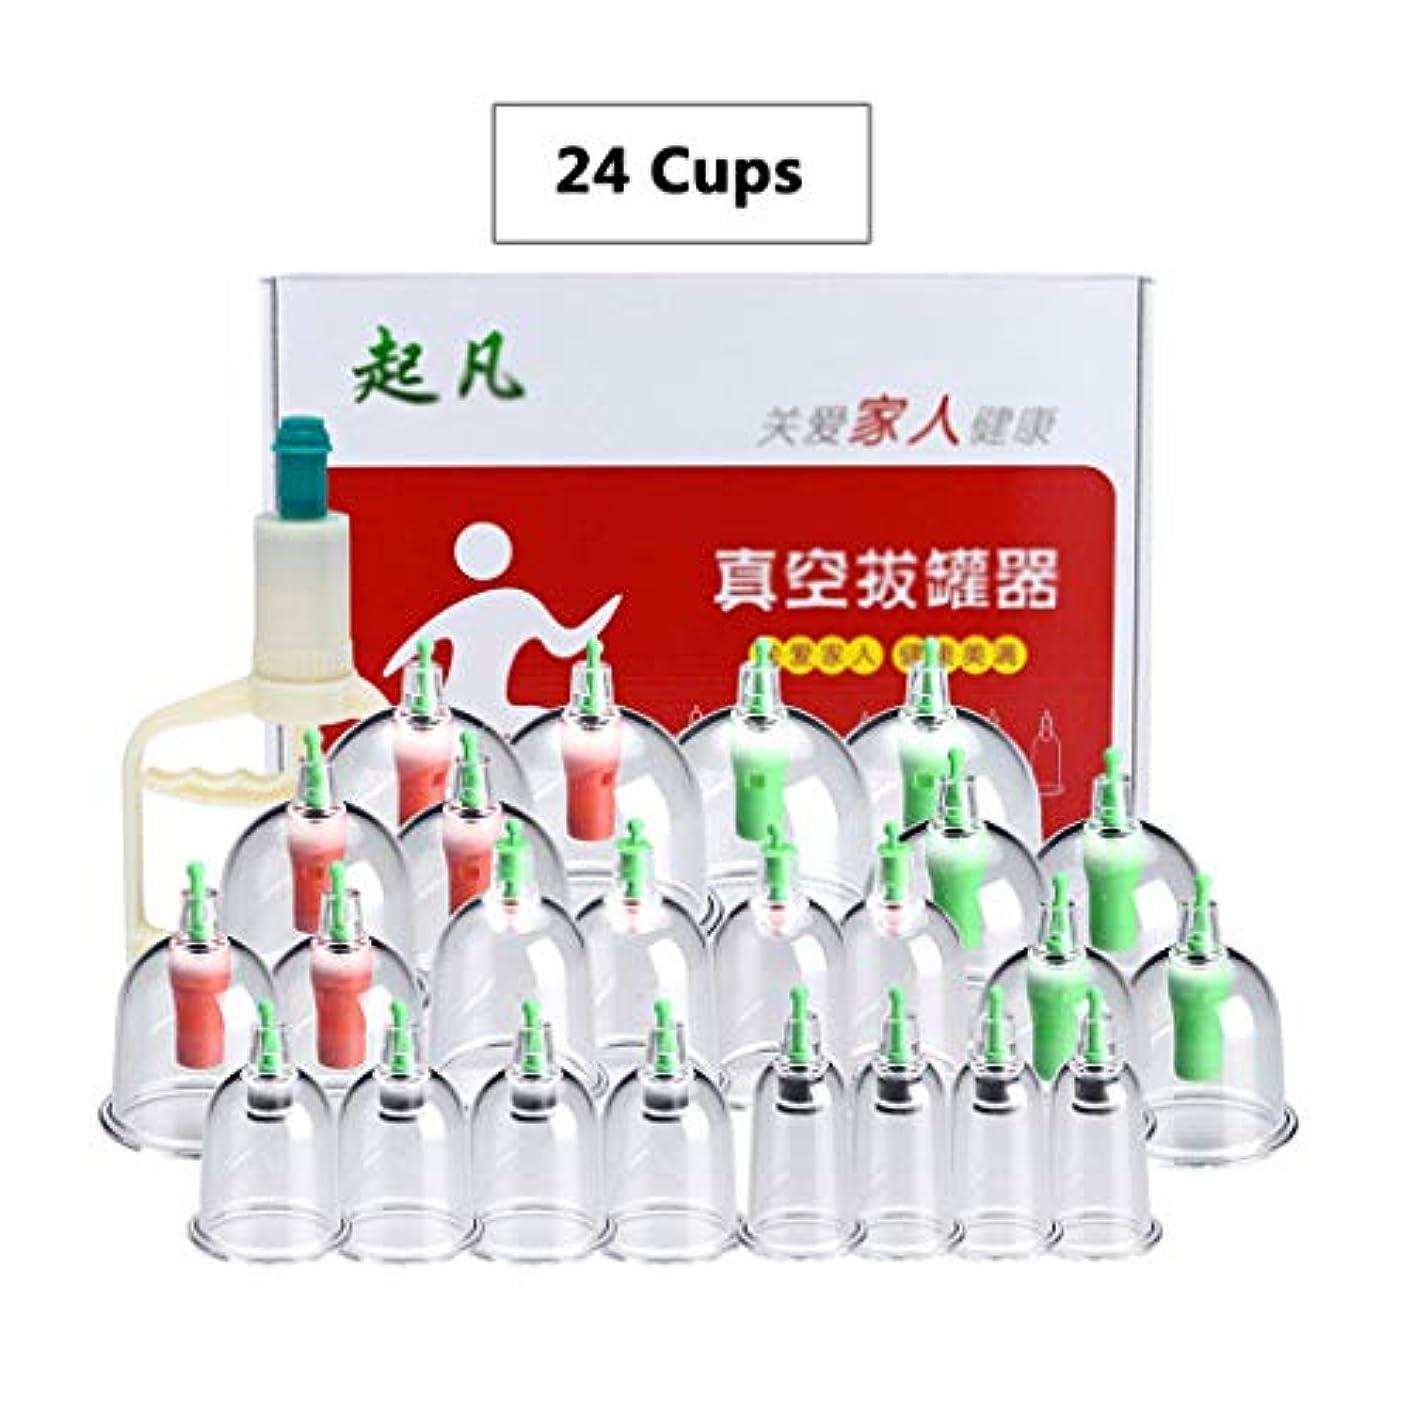 従うトイレ確かめる家庭用カッピングセット - 24カップ、吸引カッピング療法、真空カッピング、中国カッピングセット、防爆簡単クリーニング、カッピングセラピーカップ (色 : 24 Cups)